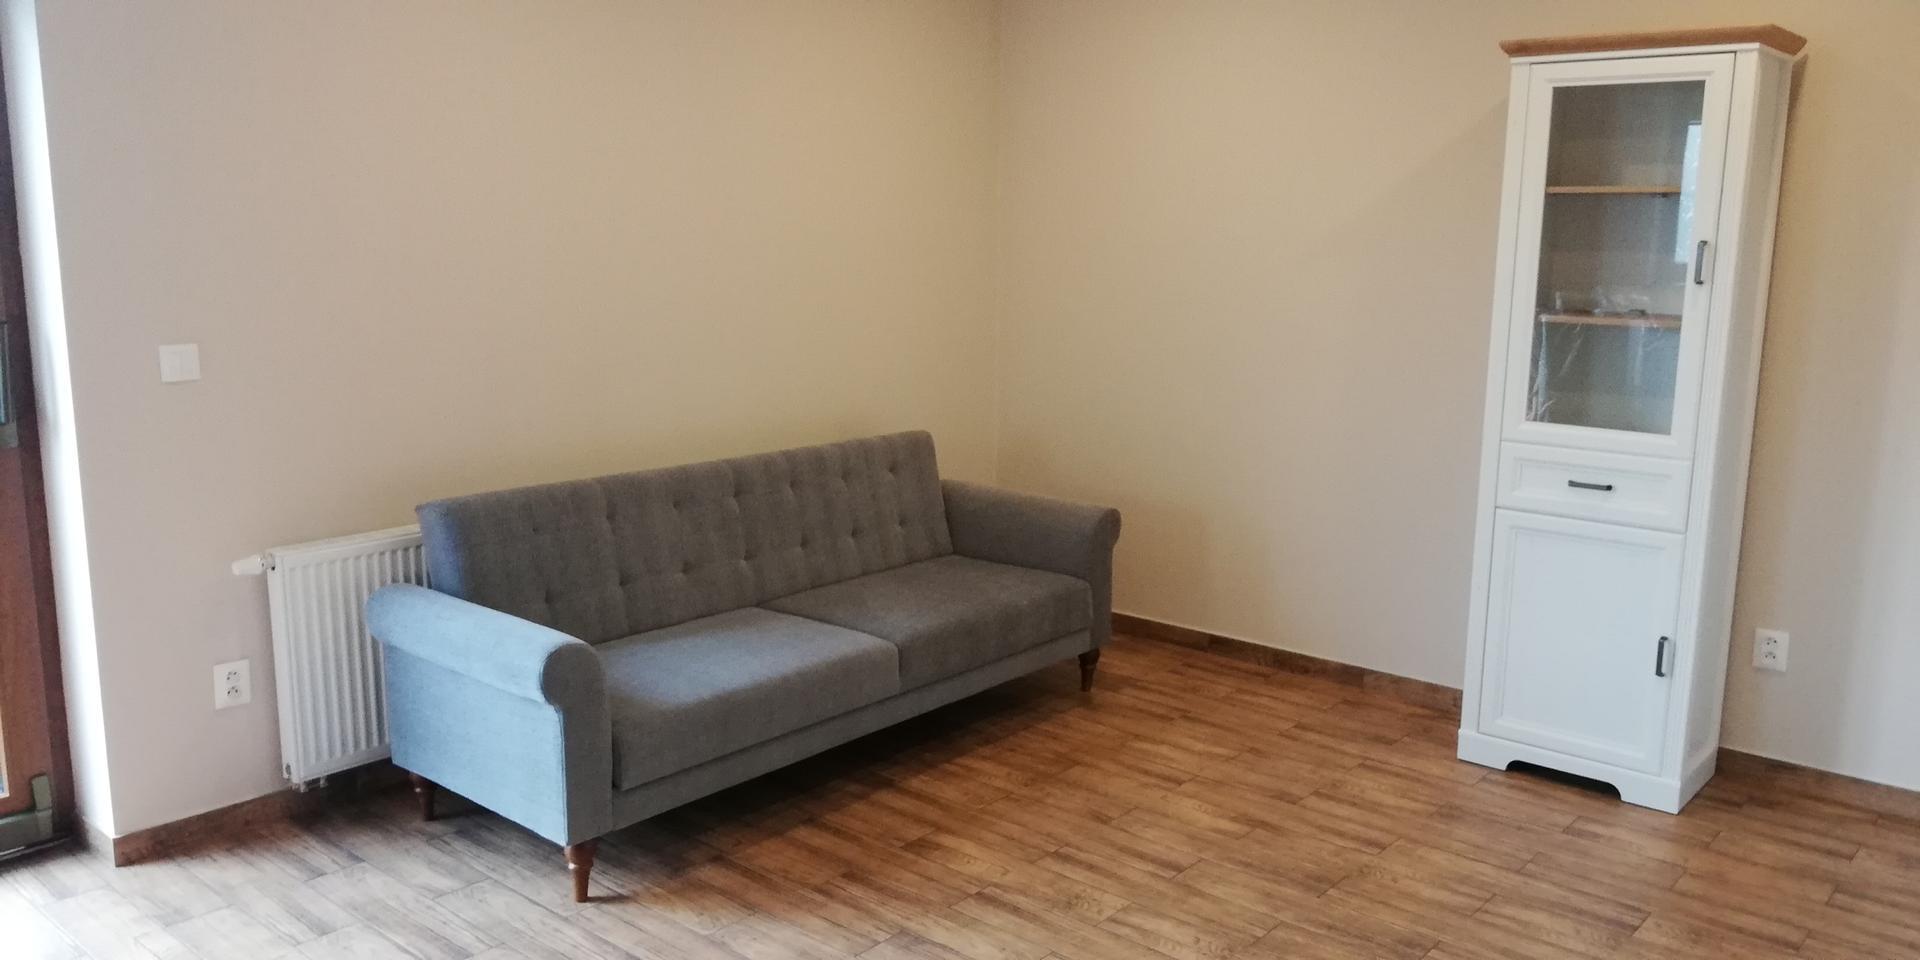 Obývačka - Obrázok č. 1